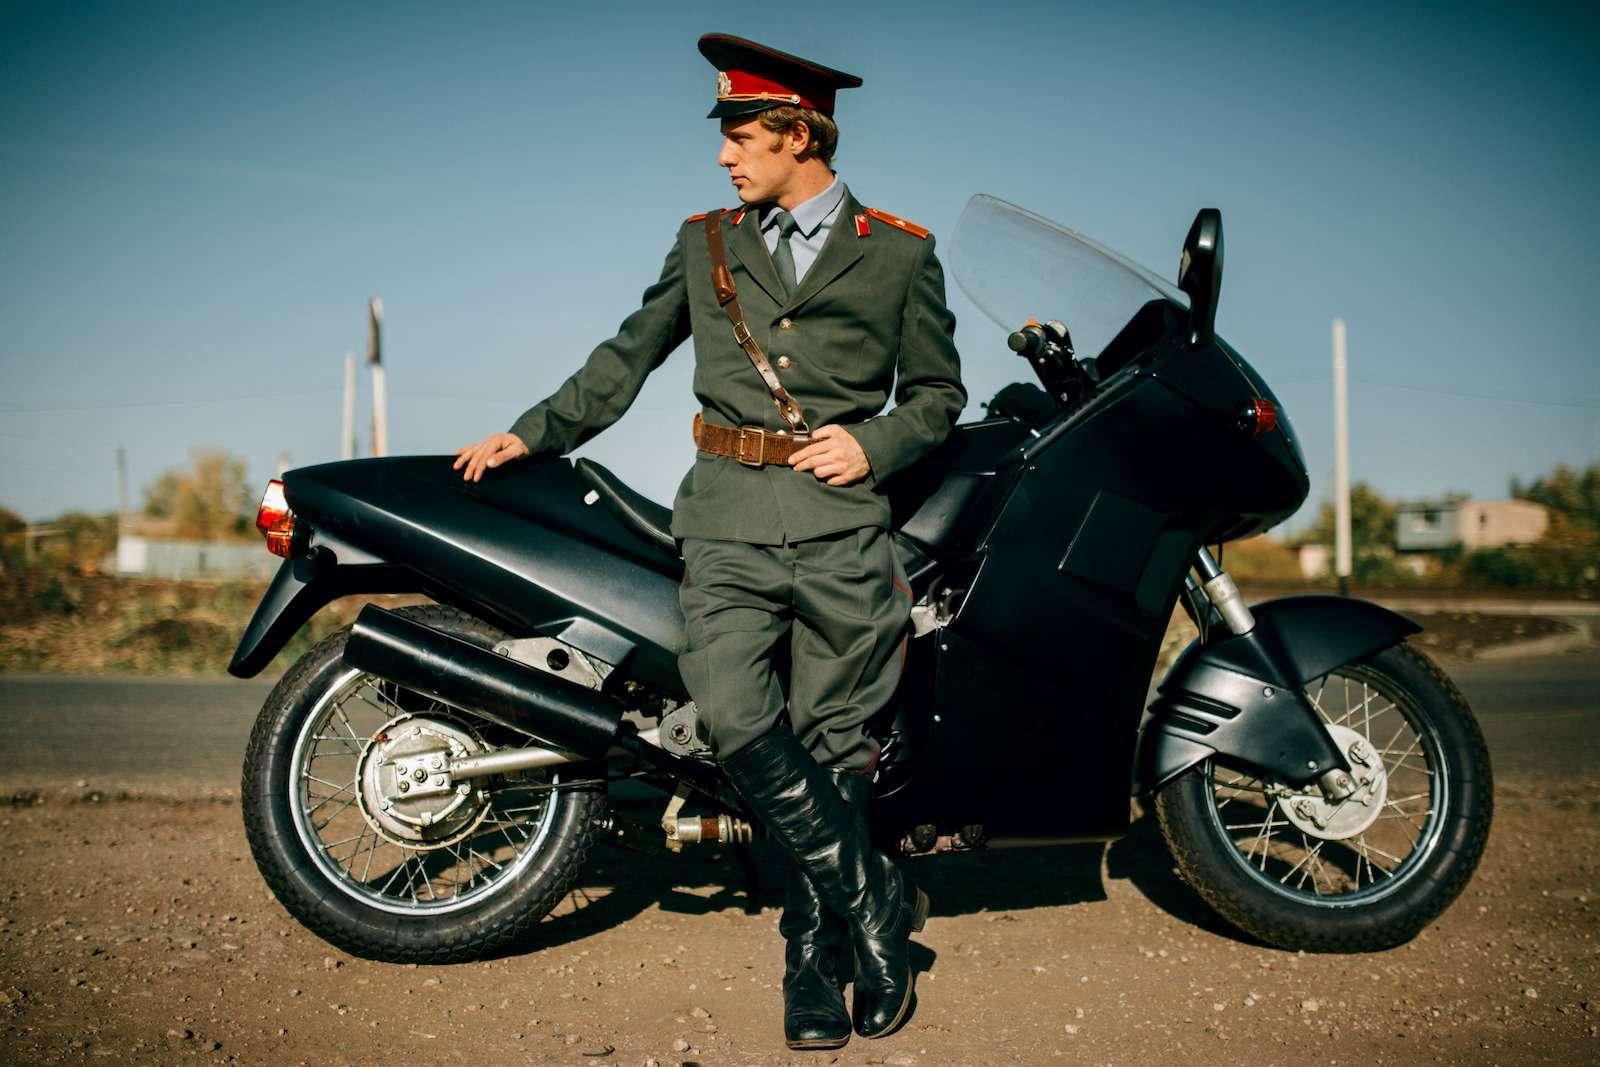 Первый советский мотоцикл сроторным двигателем: пуля сВАЗа!— фото 914959